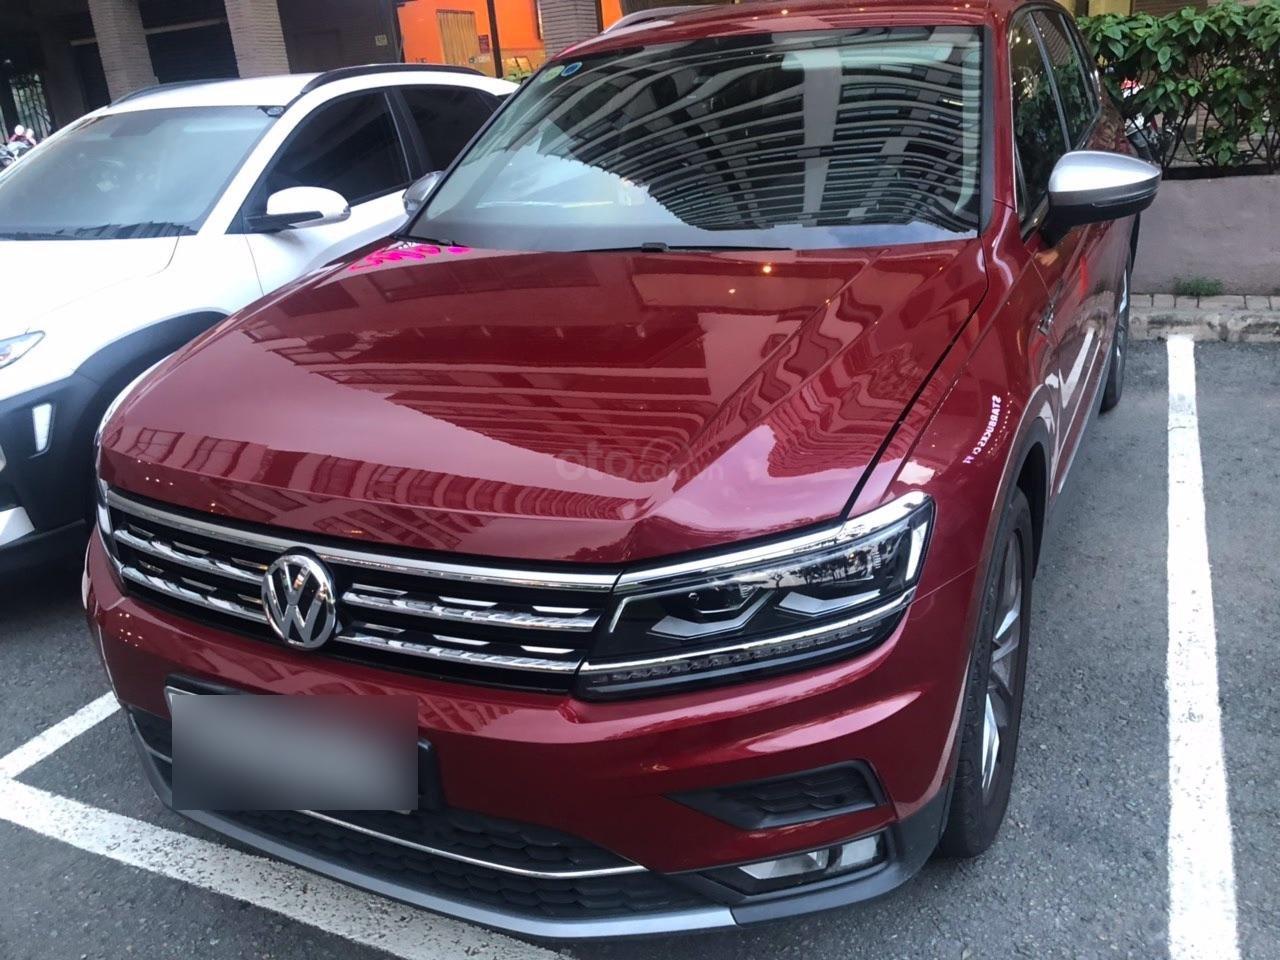 Lên đời bán SUV 7 chỗ VW Tiguan Highline đỏ rượu vang, đăng ký 2019, đi mới 15.000km (2)